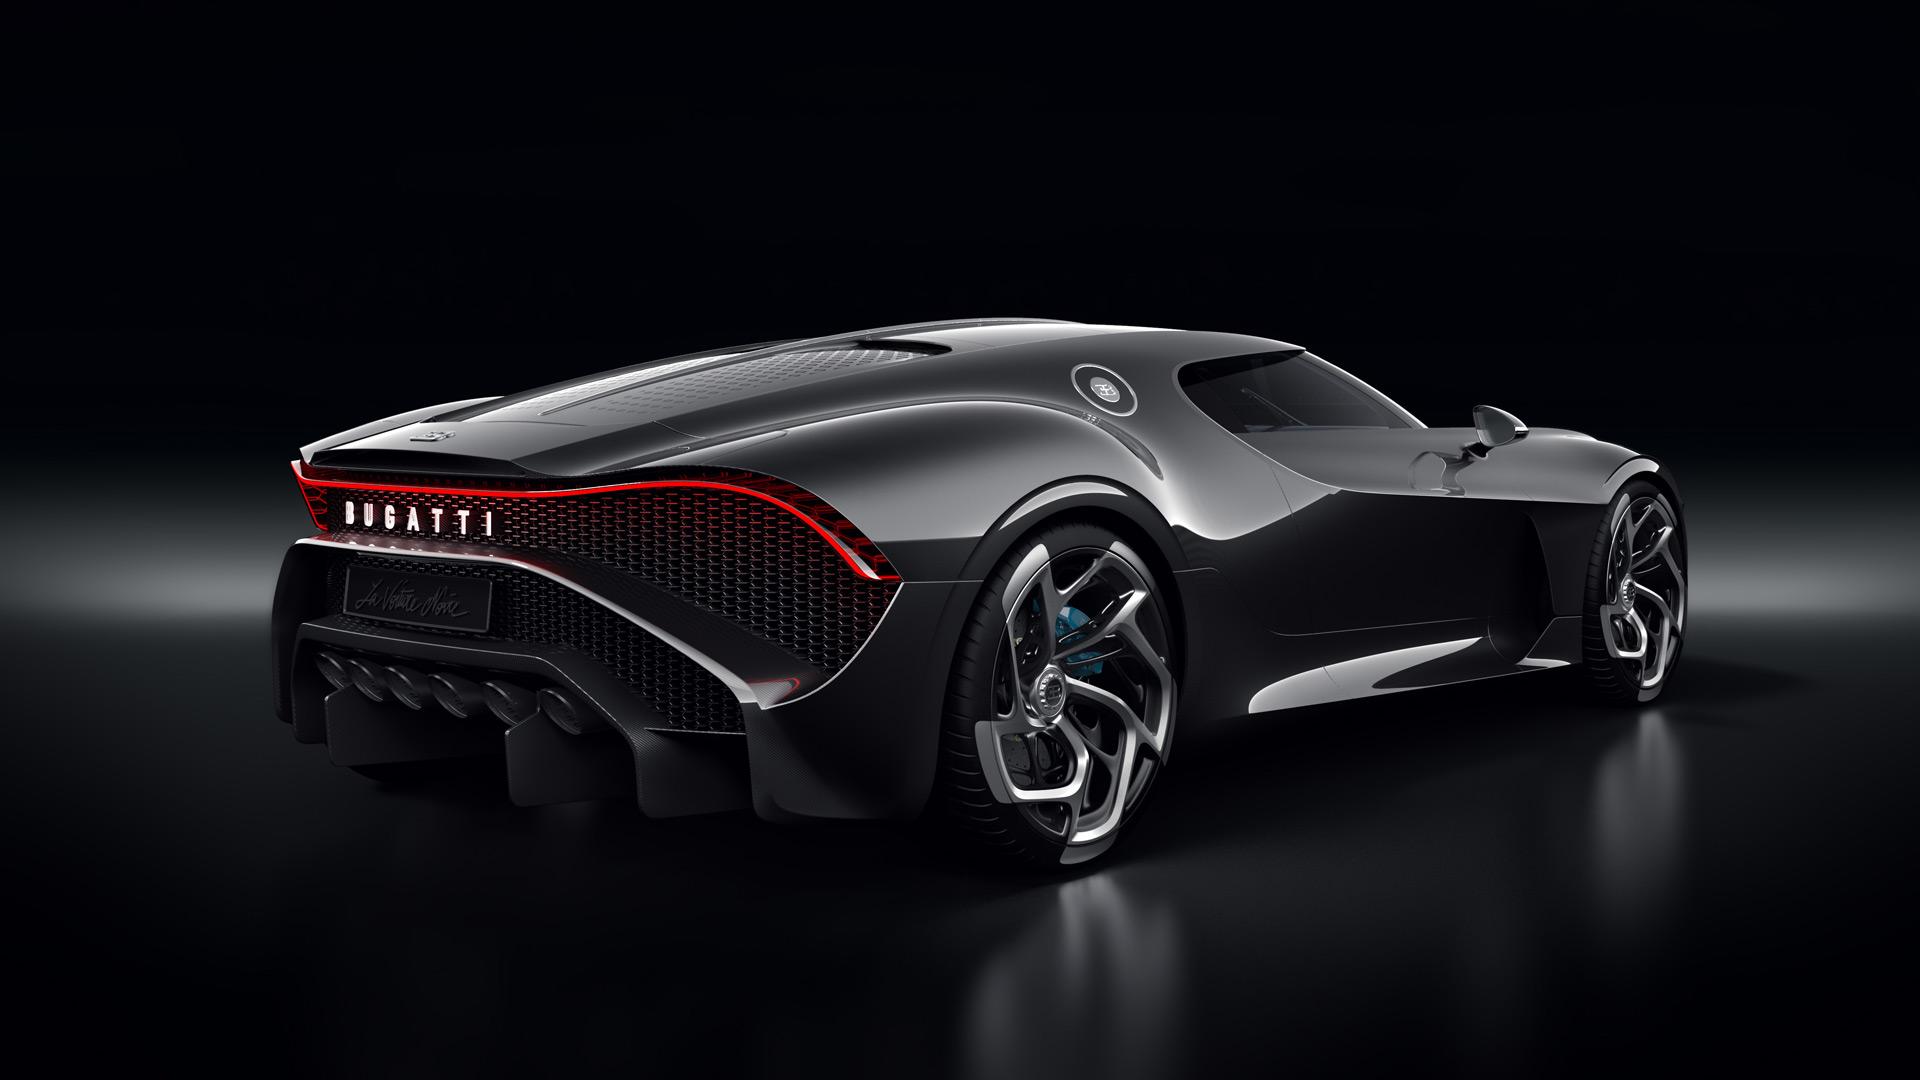 bugatti-la-voiture-noire_100694260_h